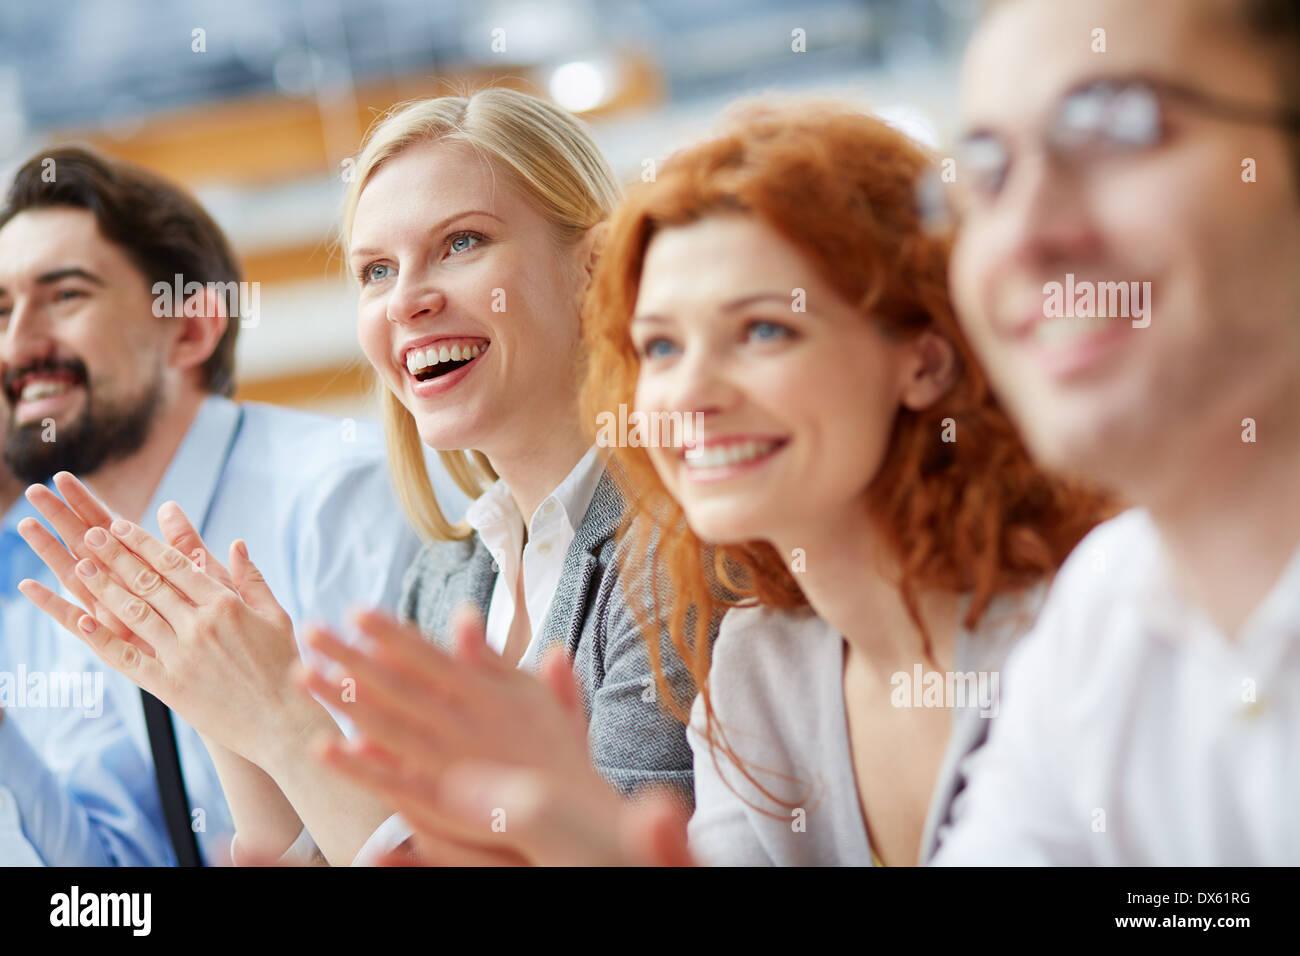 Imagen de un equipo comercial aplaudiendo en el signo de aprobación Foto de stock